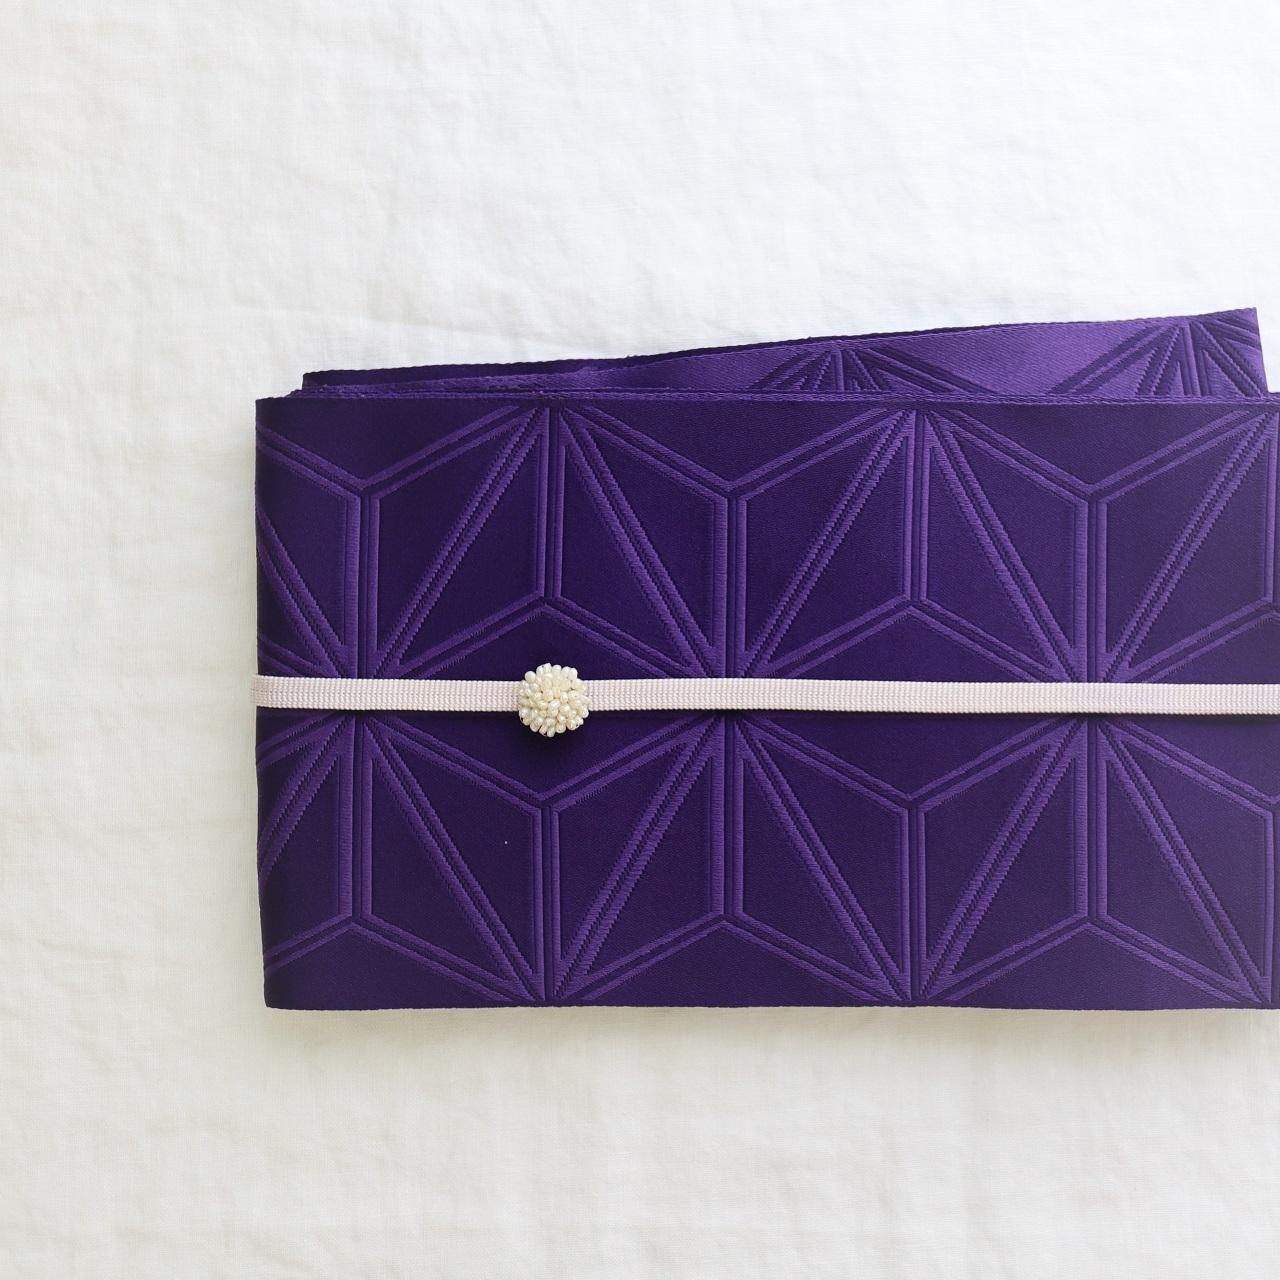 【ゆかた用 半巾帯】 紫色 麻の葉